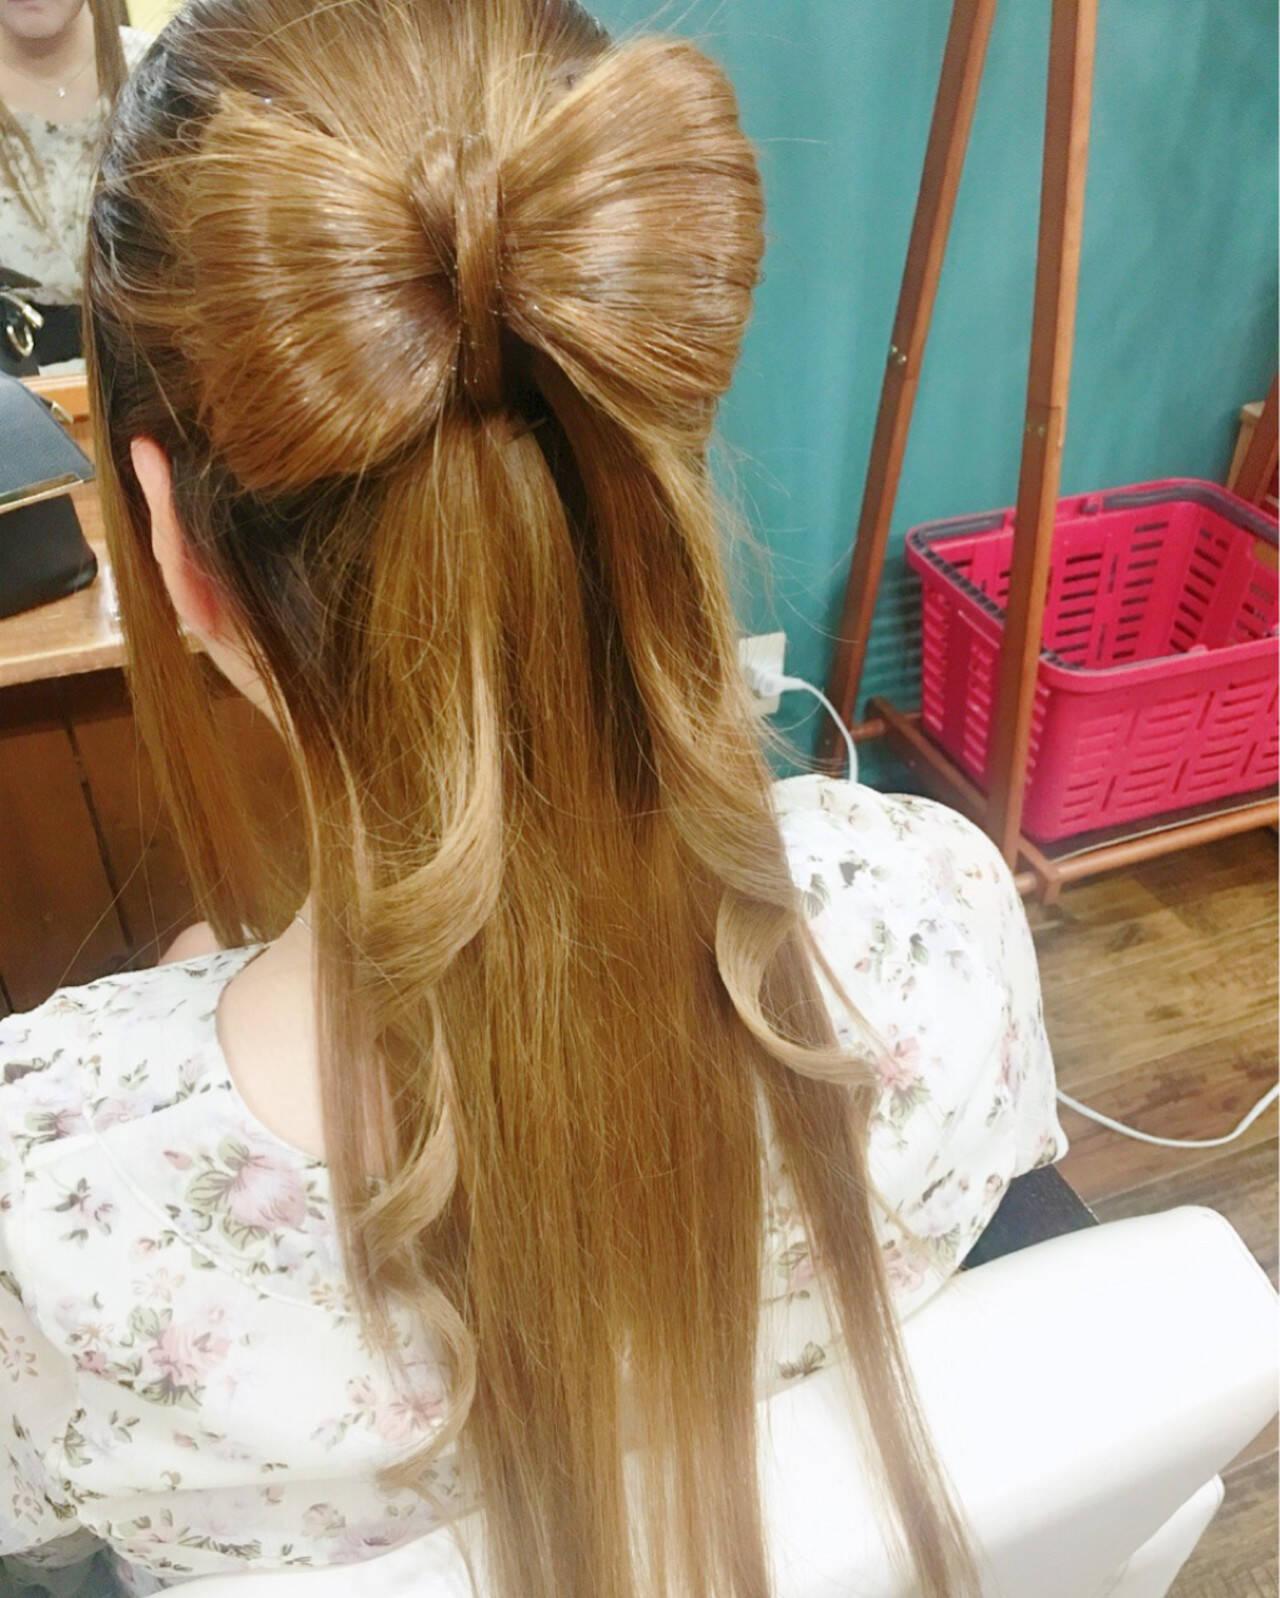 ナチュラル ゆるふわ フェミニン ヘアアレンジヘアスタイルや髪型の写真・画像